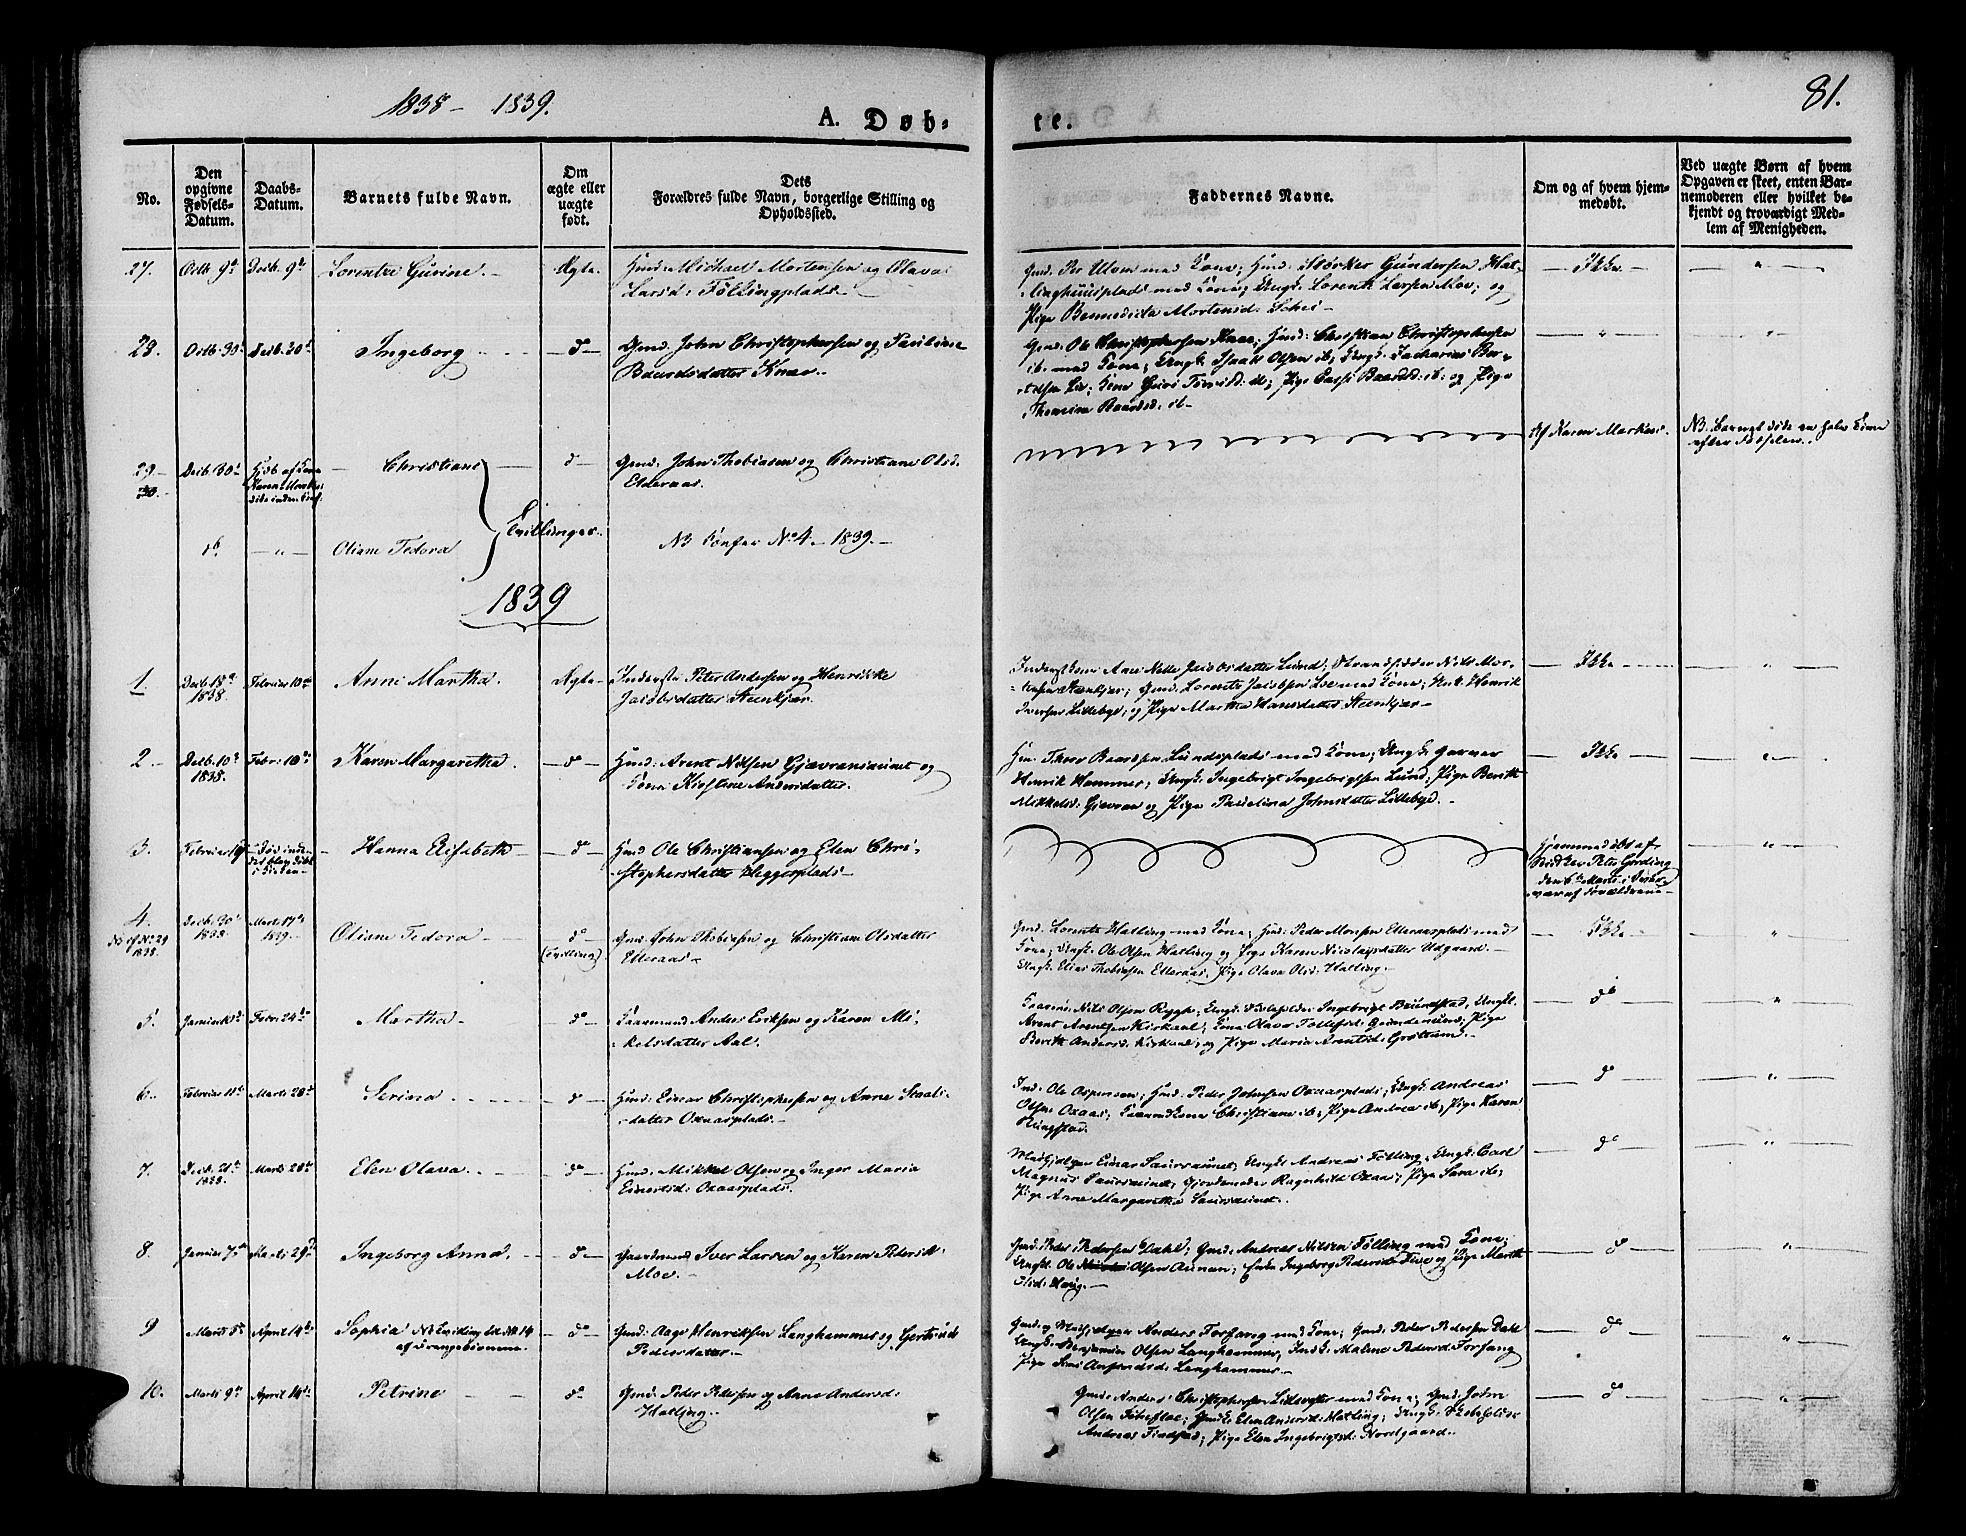 SAT, Ministerialprotokoller, klokkerbøker og fødselsregistre - Nord-Trøndelag, 746/L0445: Ministerialbok nr. 746A04, 1826-1846, s. 81